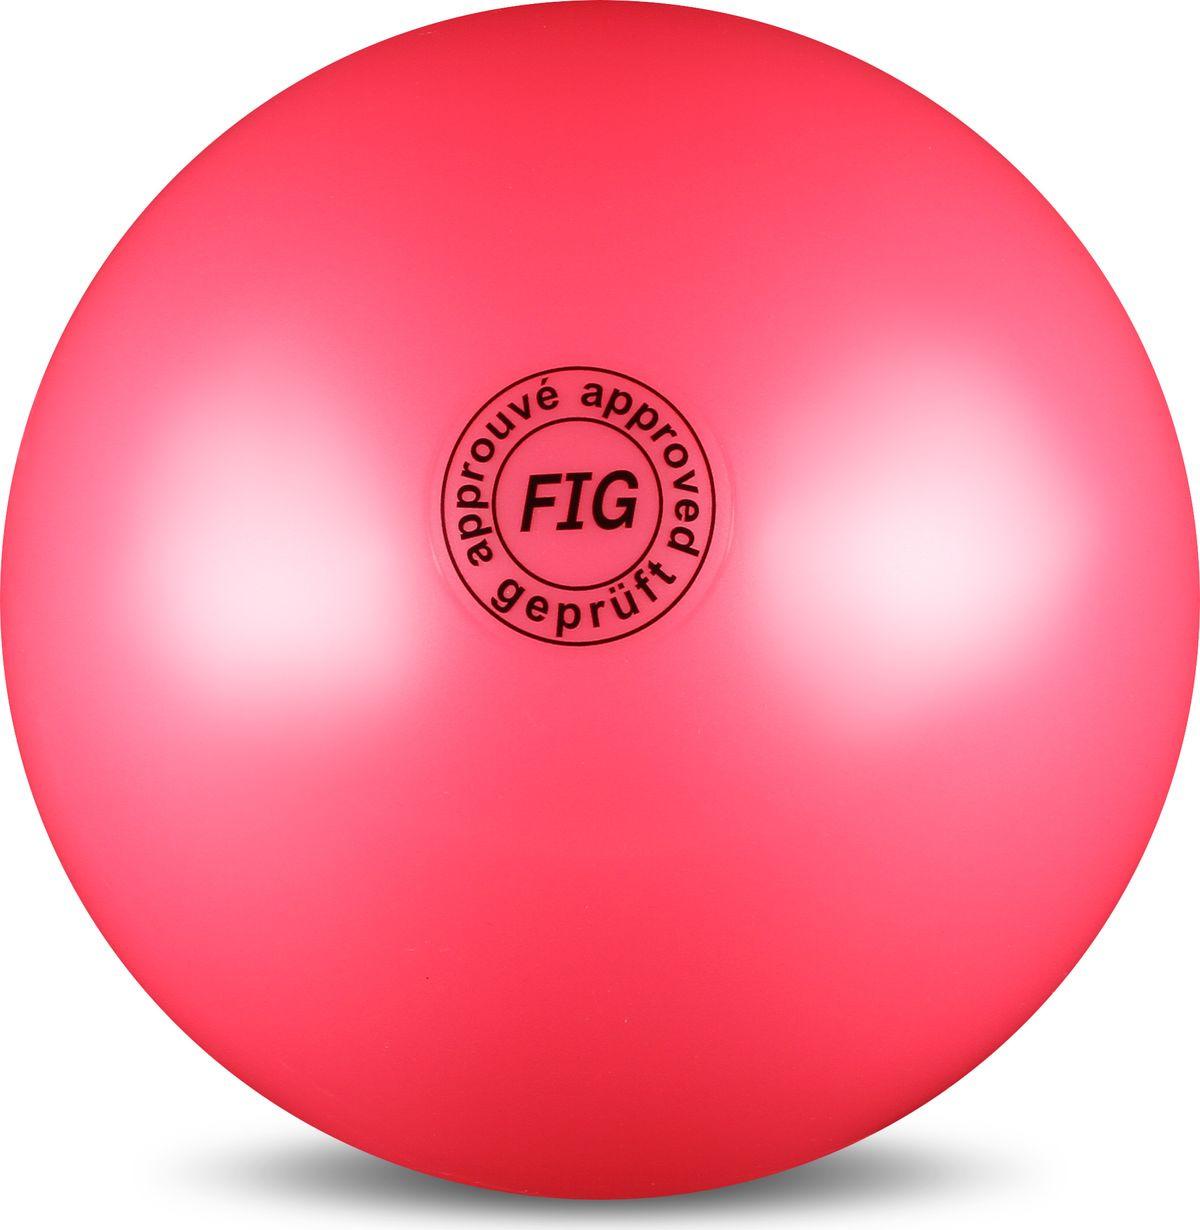 Мяч гимнастический Indigo, цвет: розовый, диаметр 19 см цена